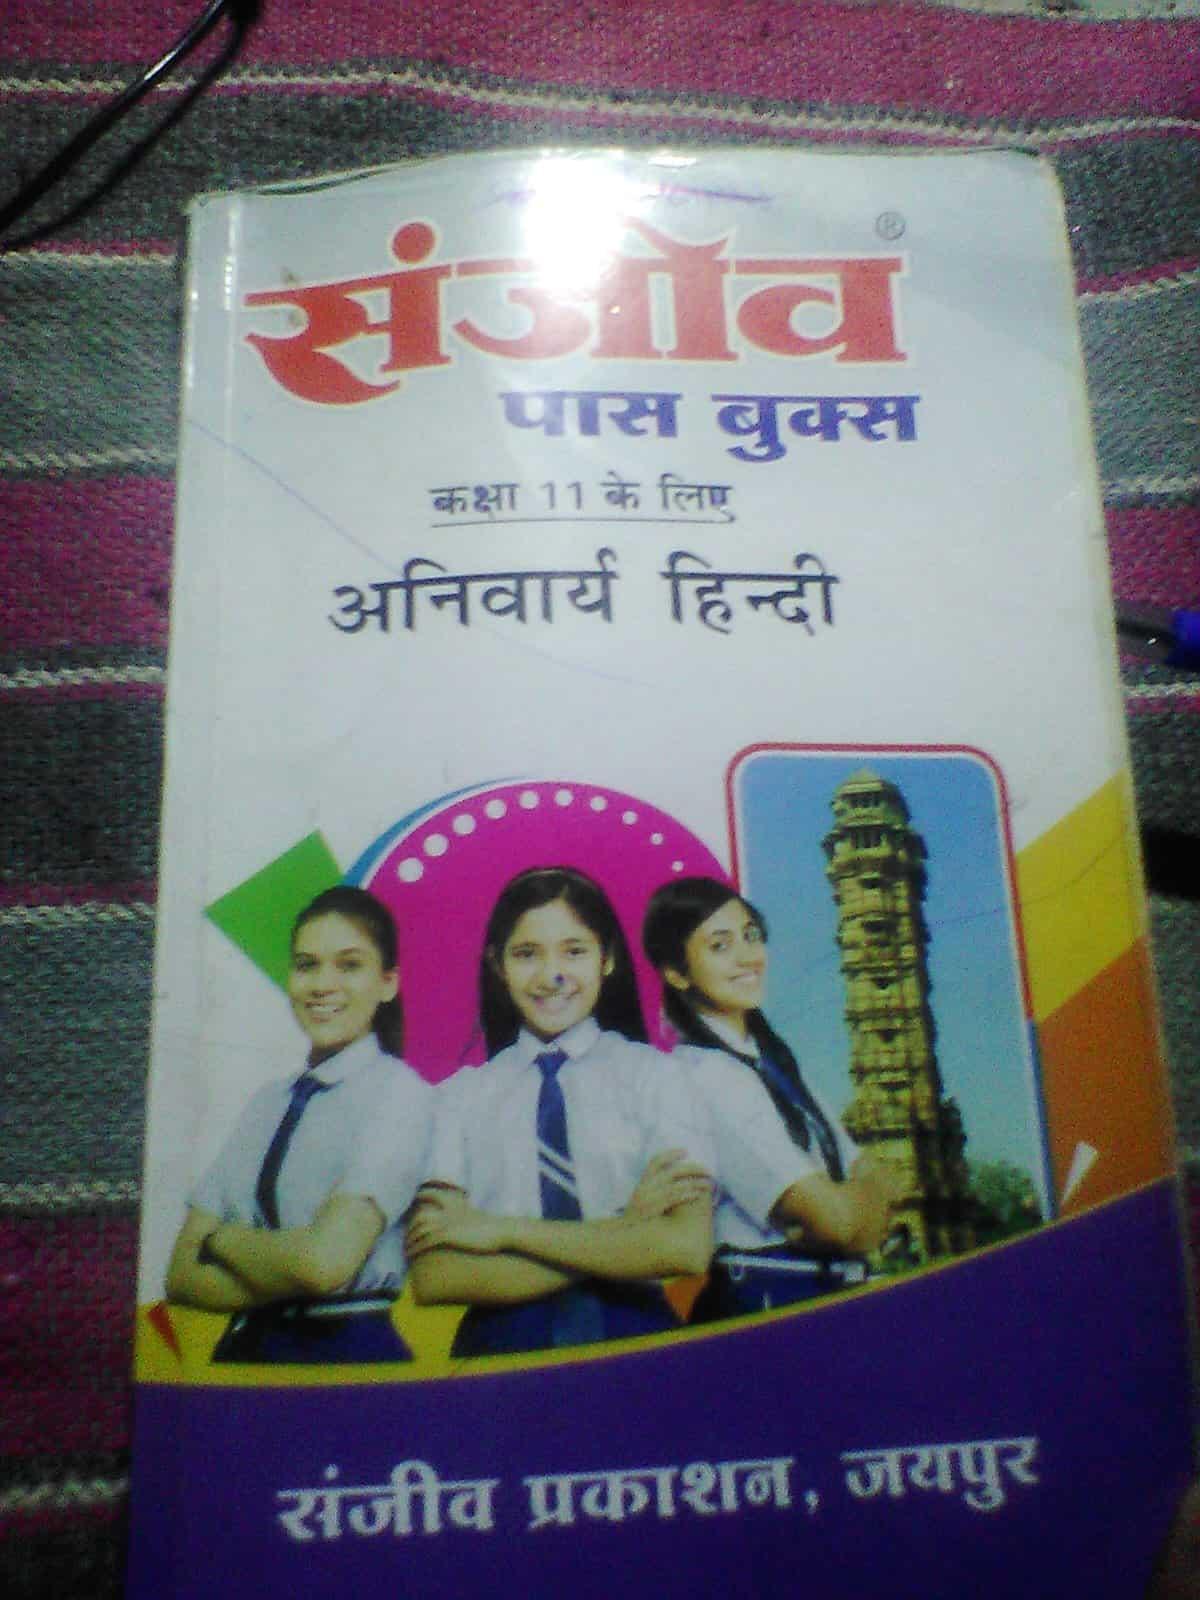 Sanjiv Prakashan, Chaura Rasta - Educational Book Publishers